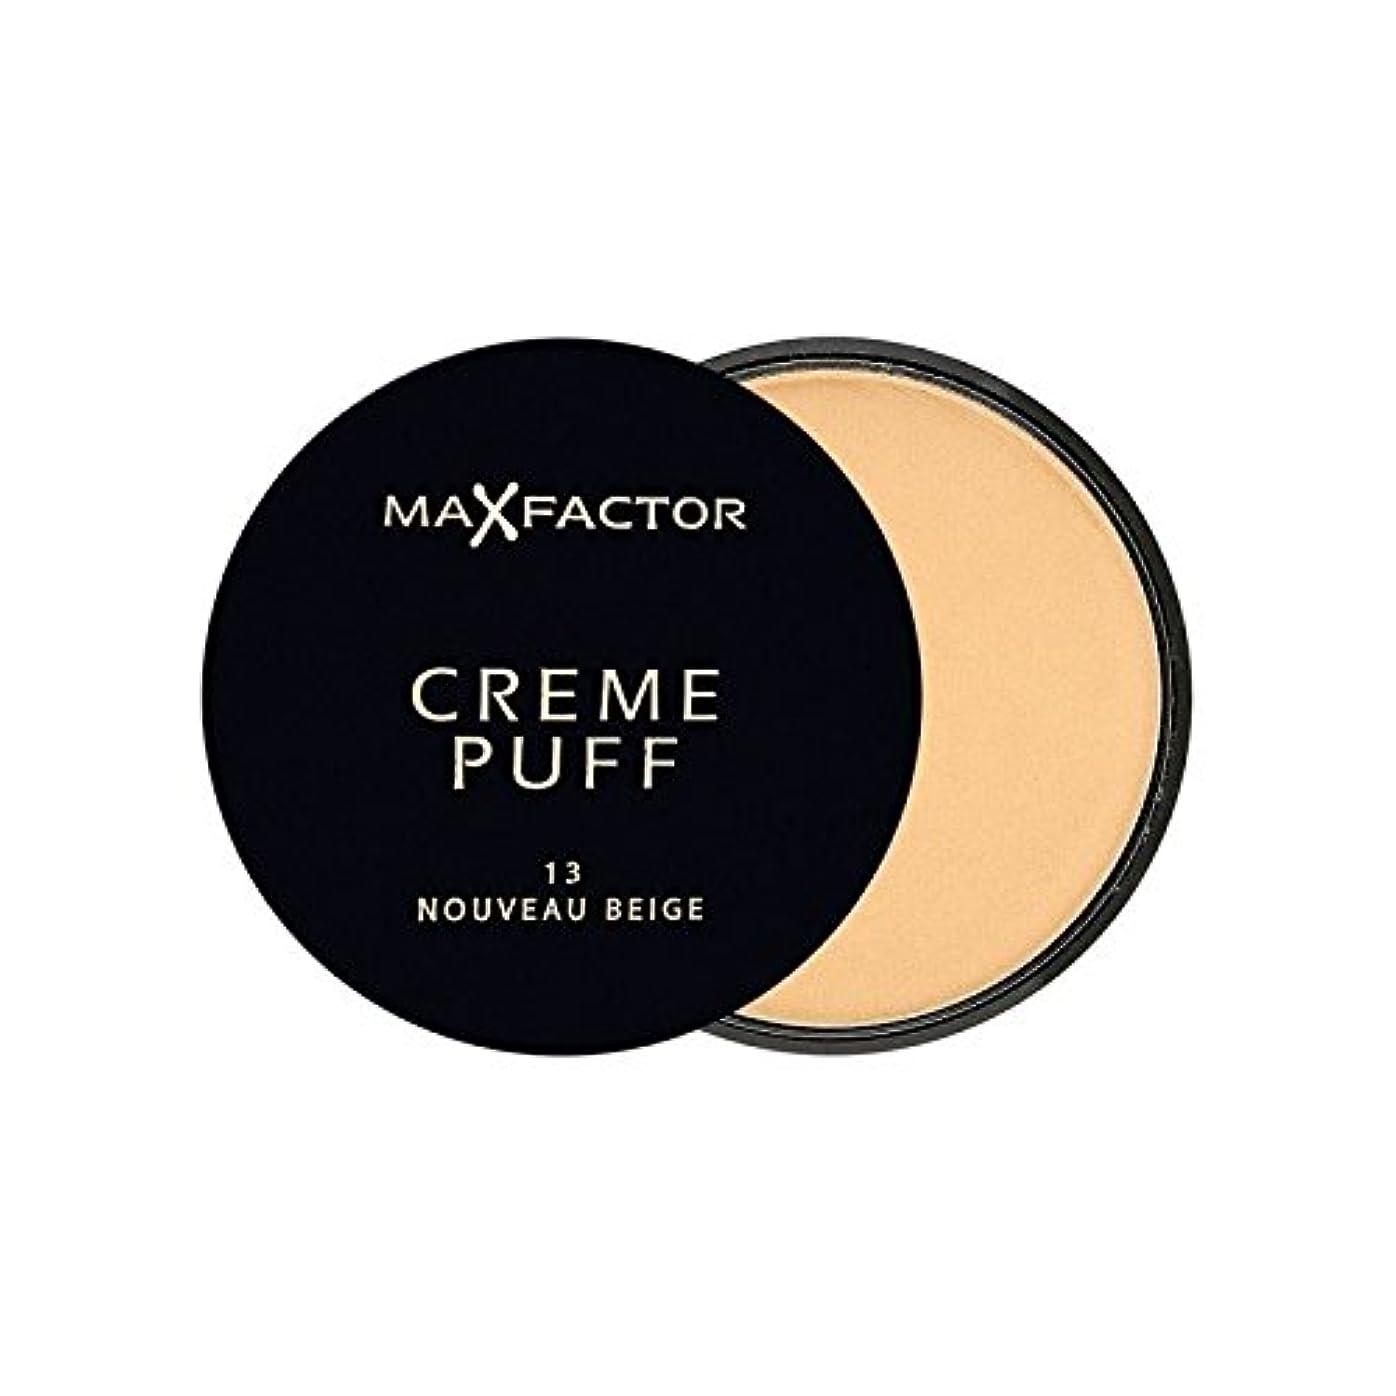 小間テクトニック母性マックスファクタークリームパフ粉末コンパクトヌーボーベージュ13 x2 - Max Factor Creme Puff Powder Compact Nouveau Beige 13 (Pack of 2) [並行輸入品]